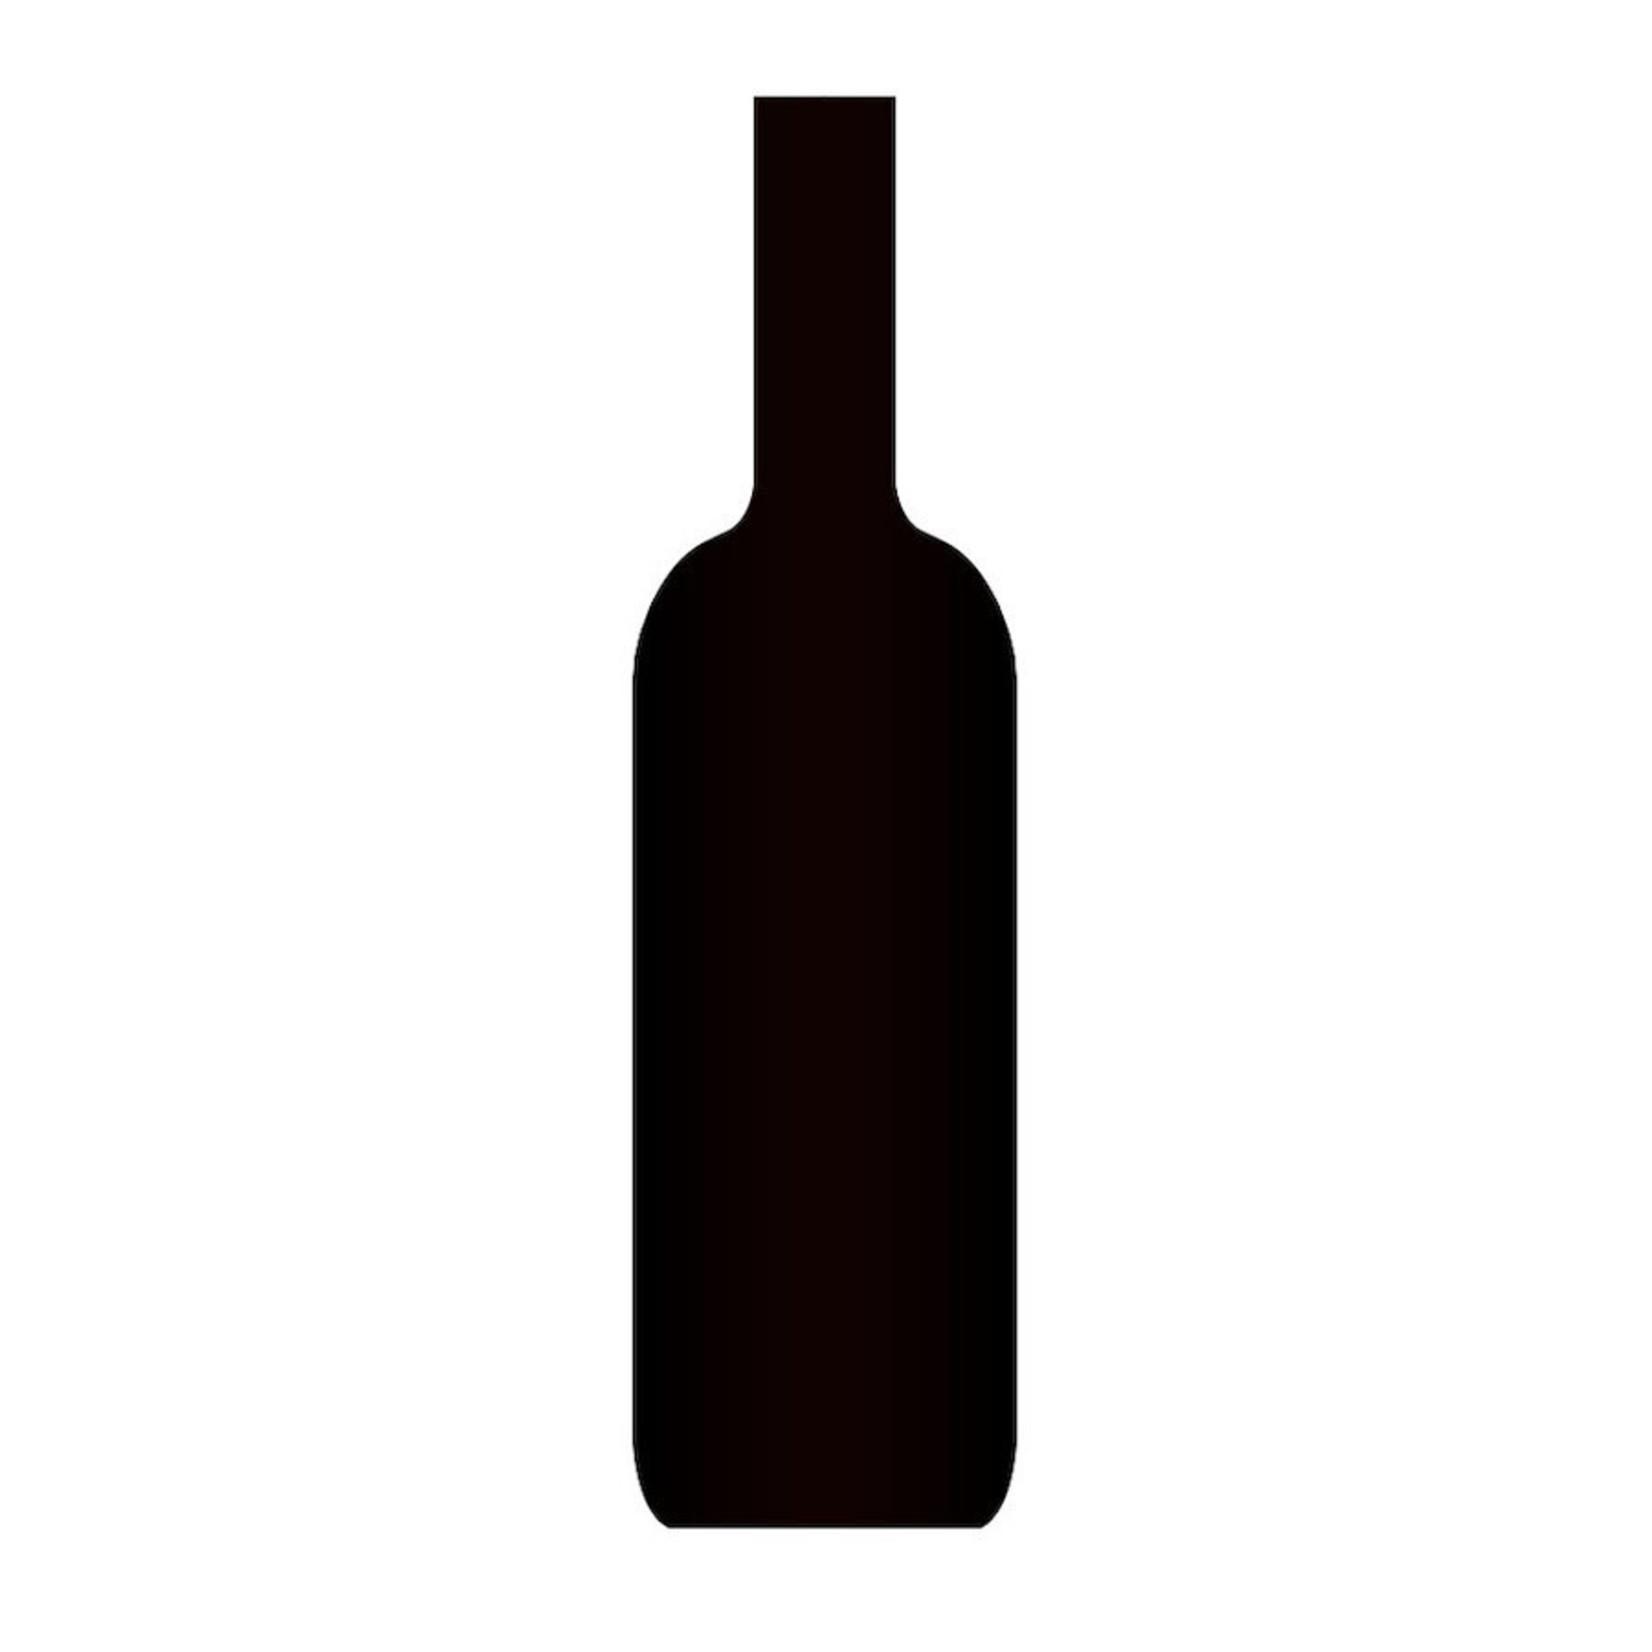 2018 Hartford Court 'Jennifer's' Pinot Noir